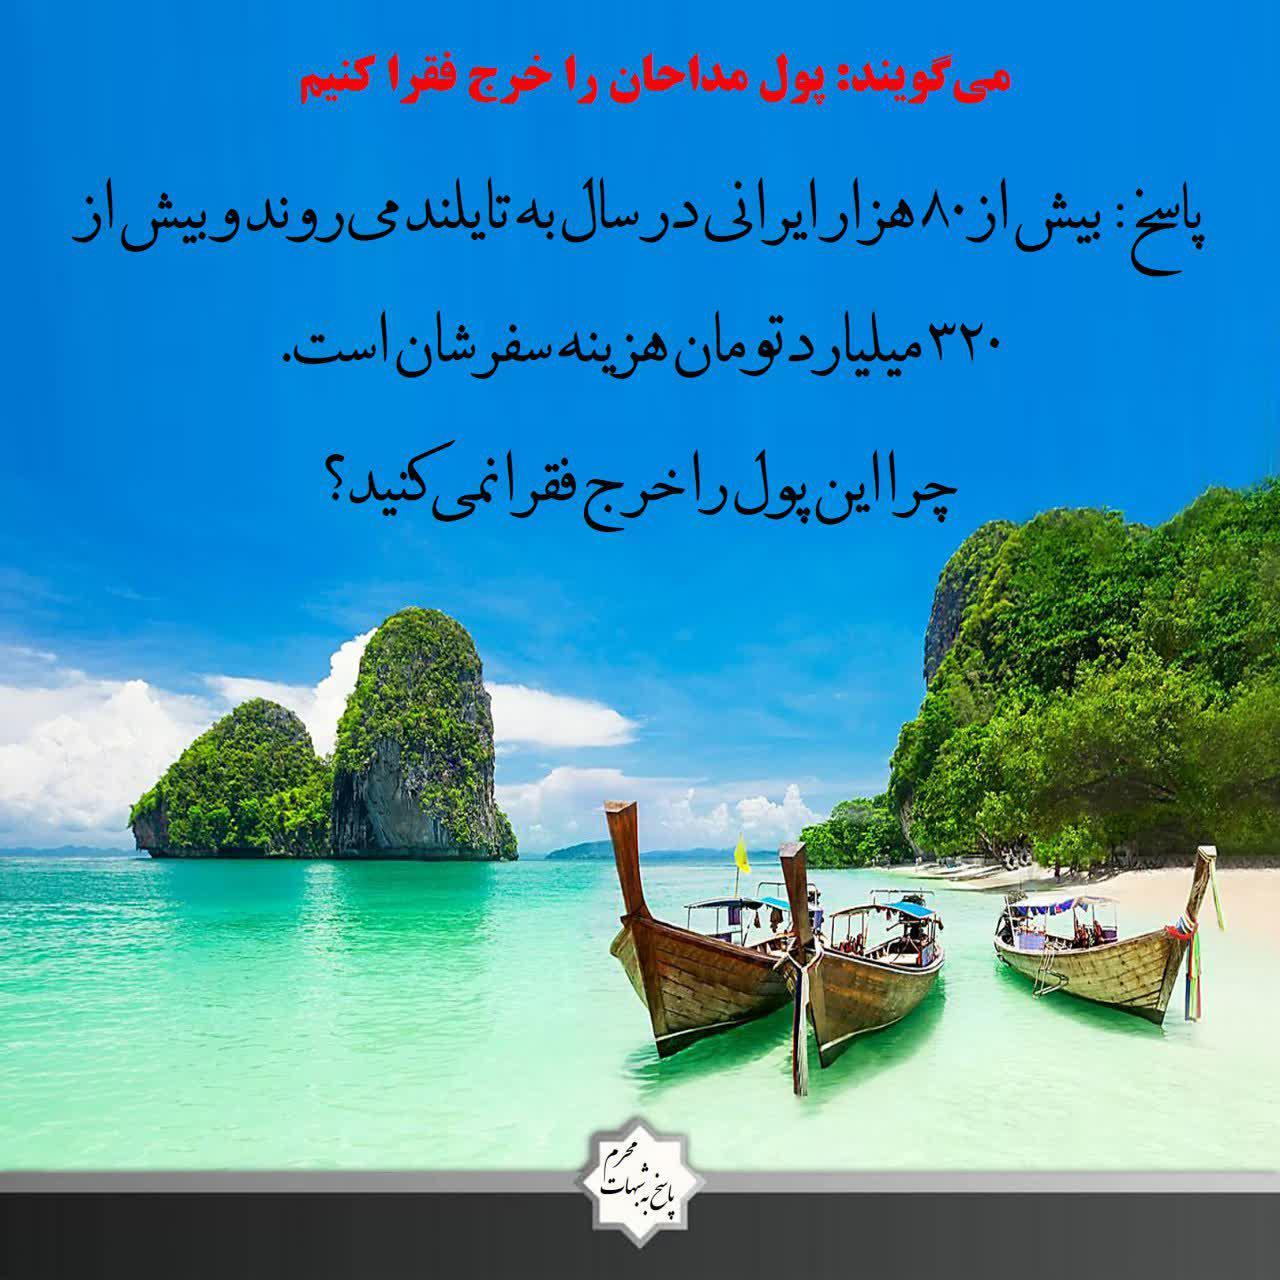 کمک کرونا حلال حرام